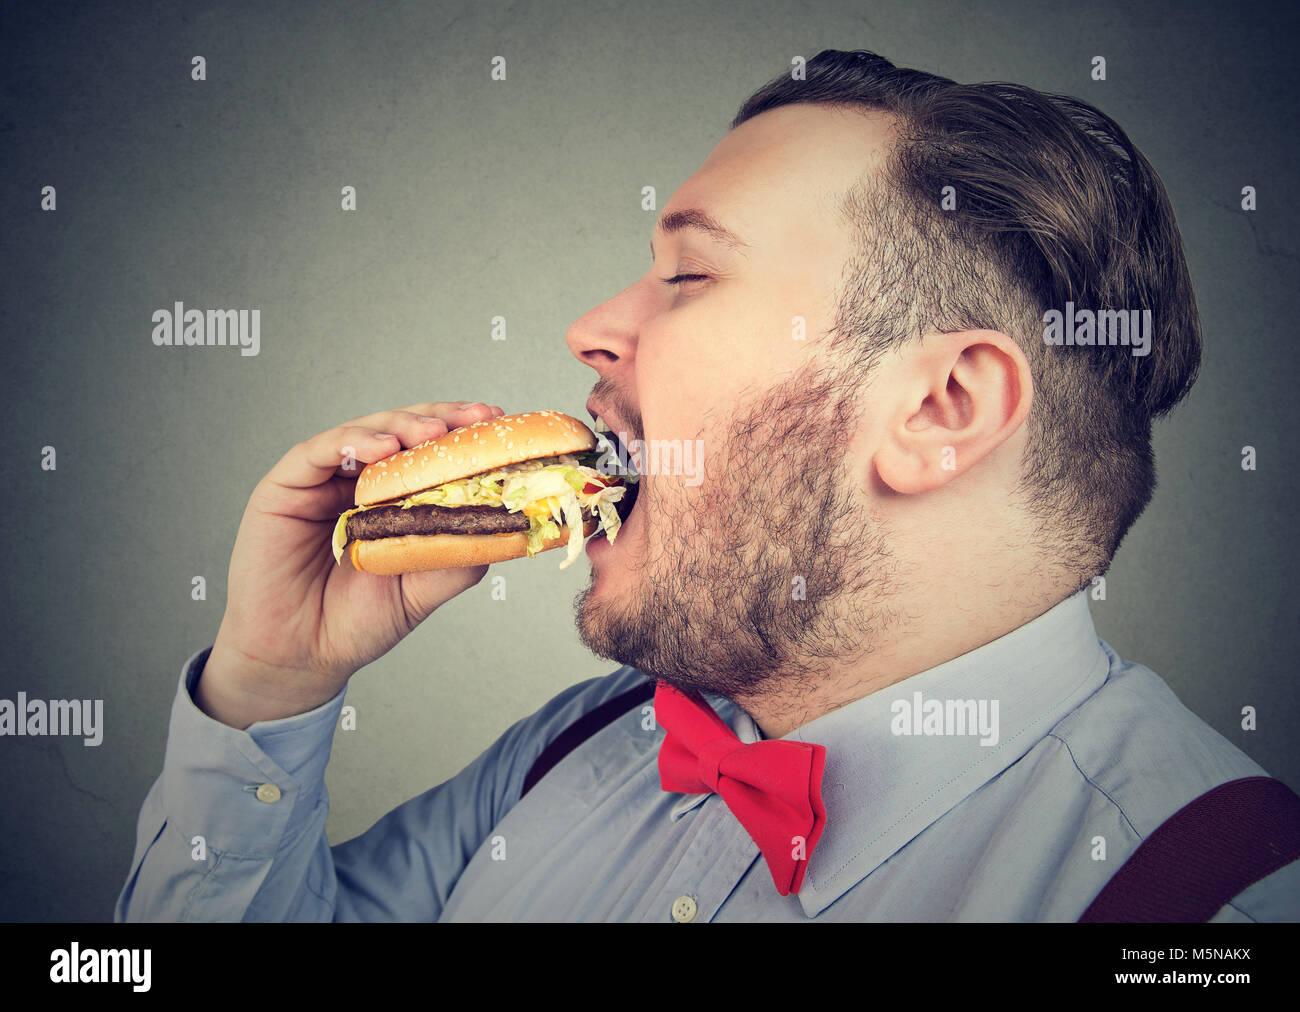 El perfil lateral de un hombre gordo, comer una hamburguesa jugosa. Imagen De Stock